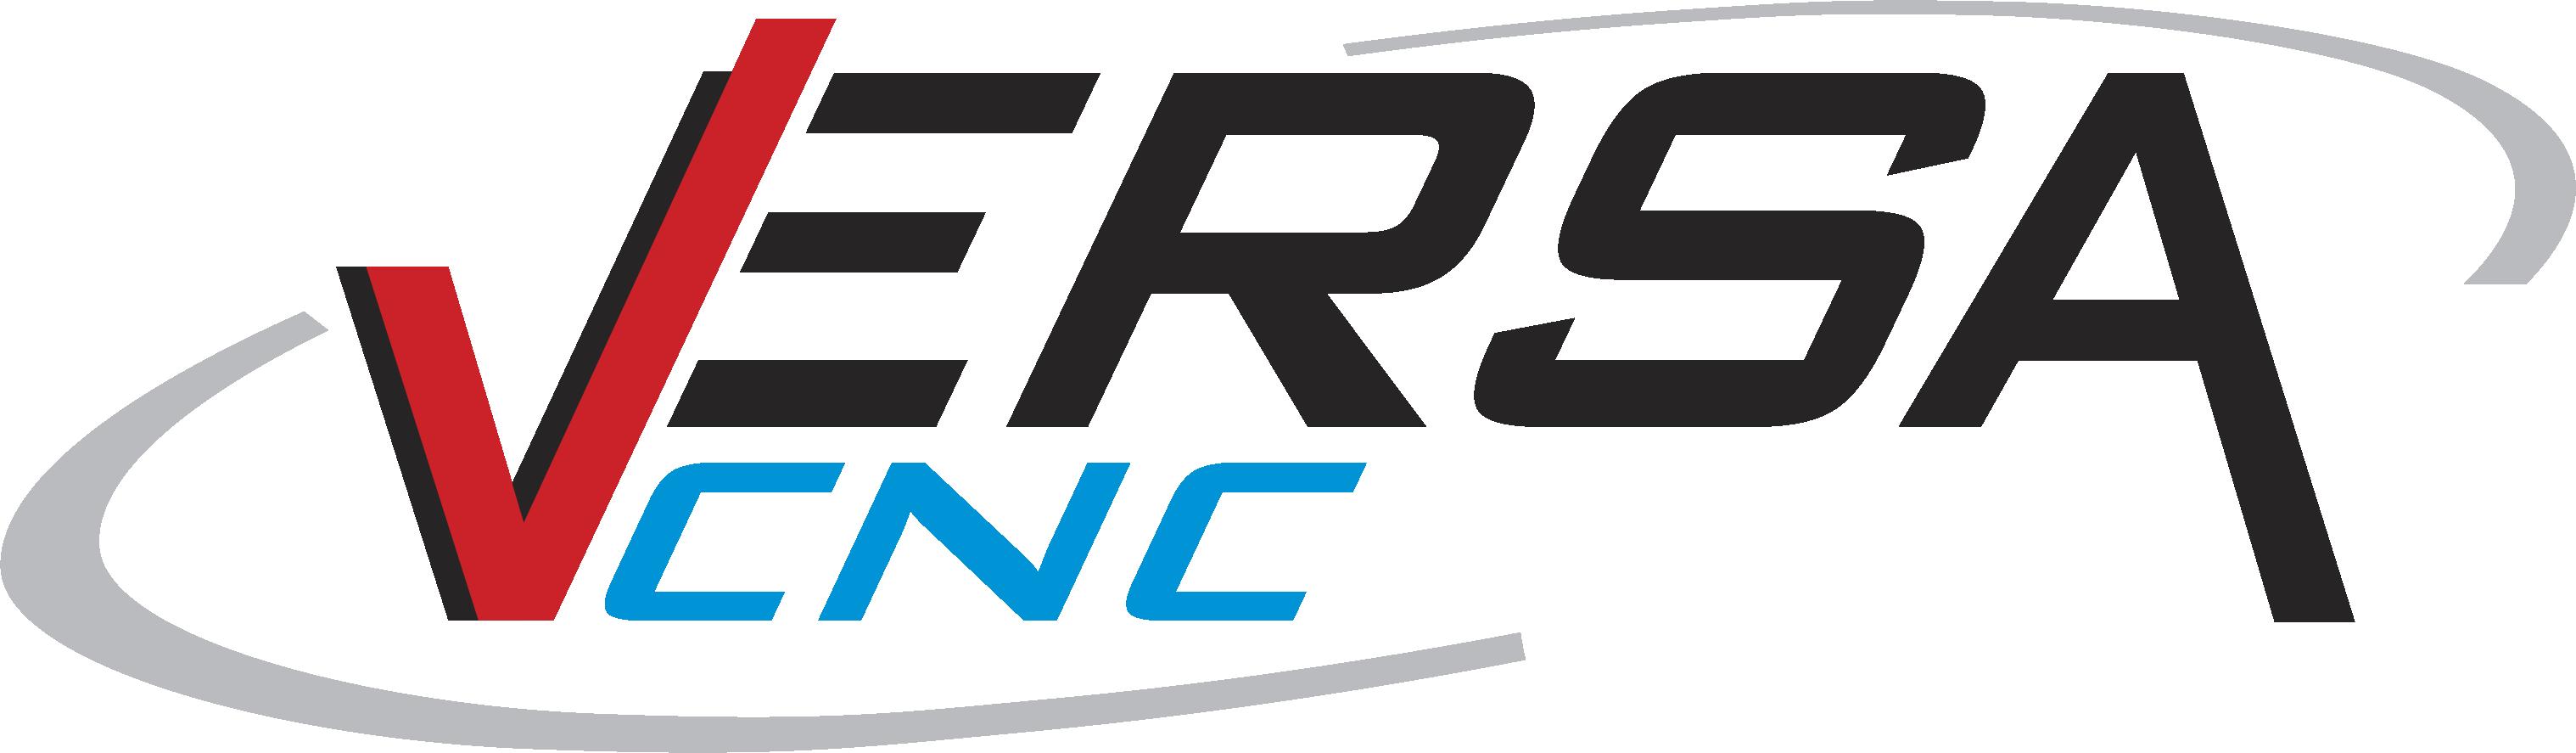 VersaCNC